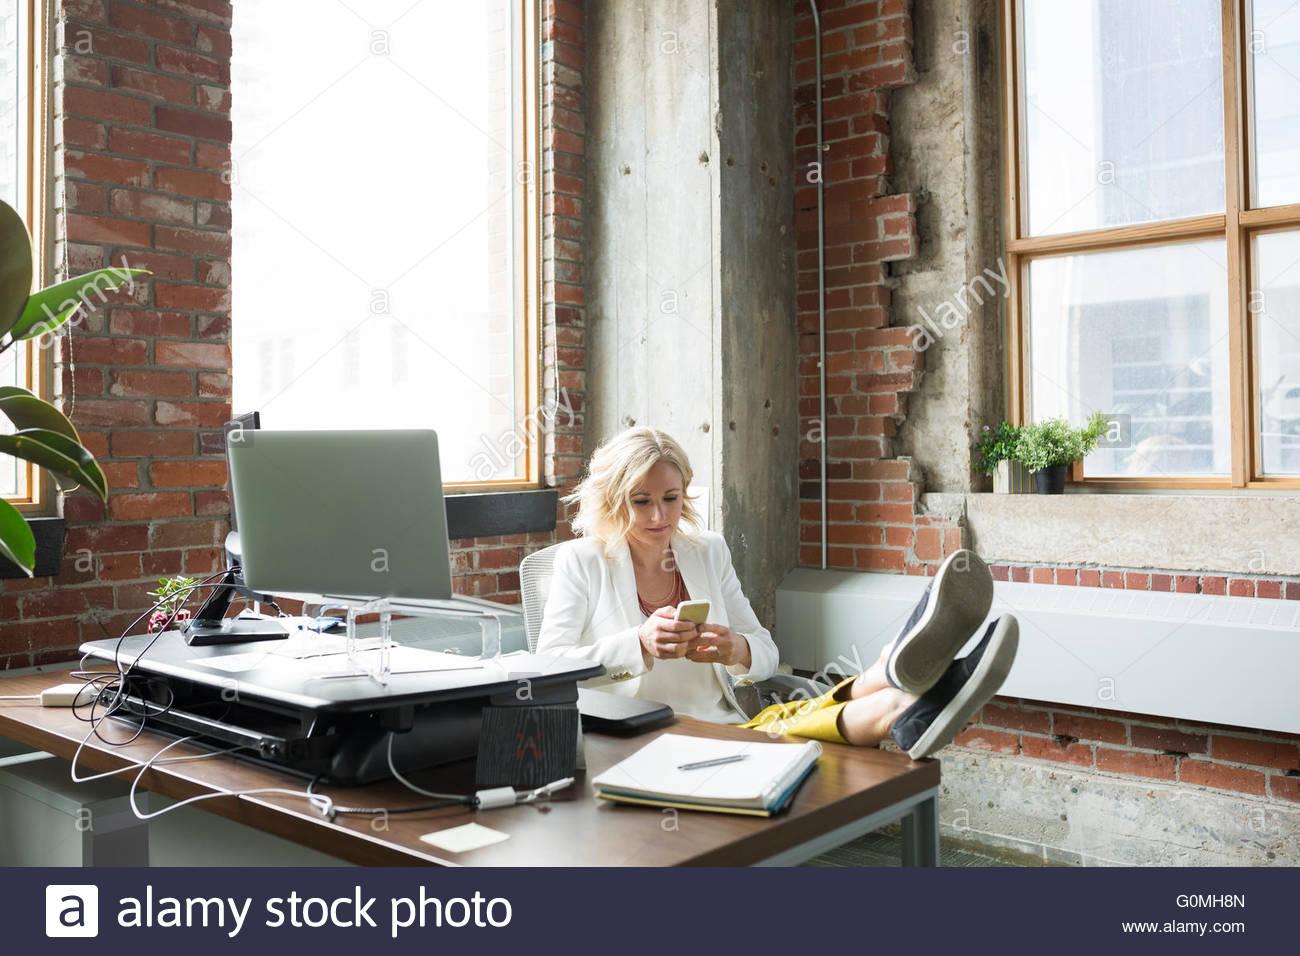 La empresaria texto con los pies para arriba en la mesa. Imagen De Stock